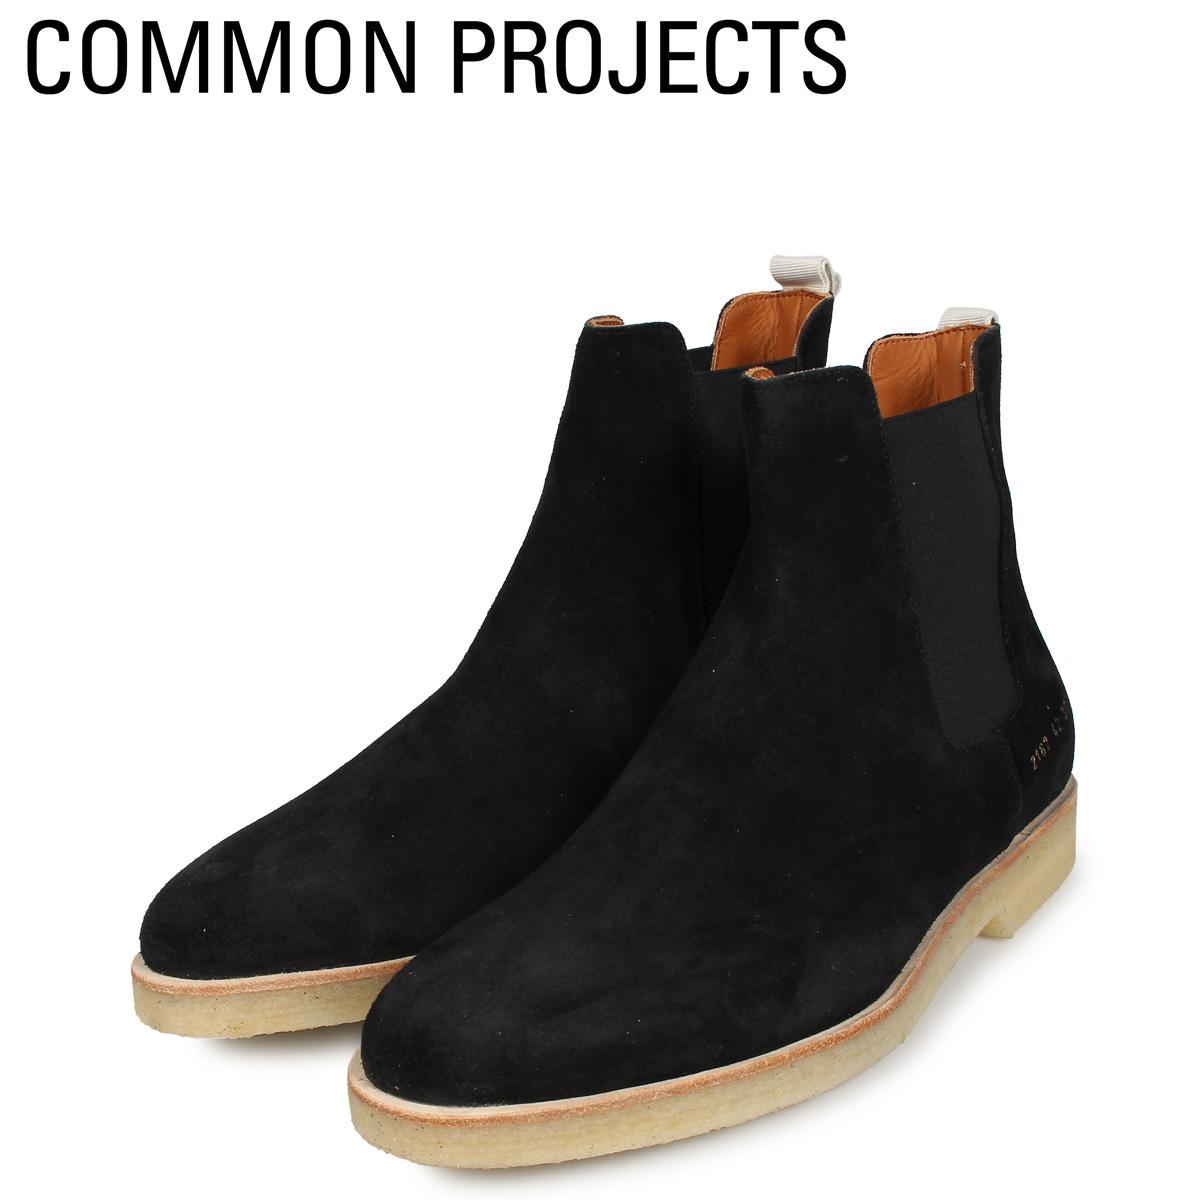 Common Projects コモンプロジェクト サイドゴア チェルシーブーツ メンズ CHELSEA BOOT IN SUEDE ブラック 黒 2167-3000